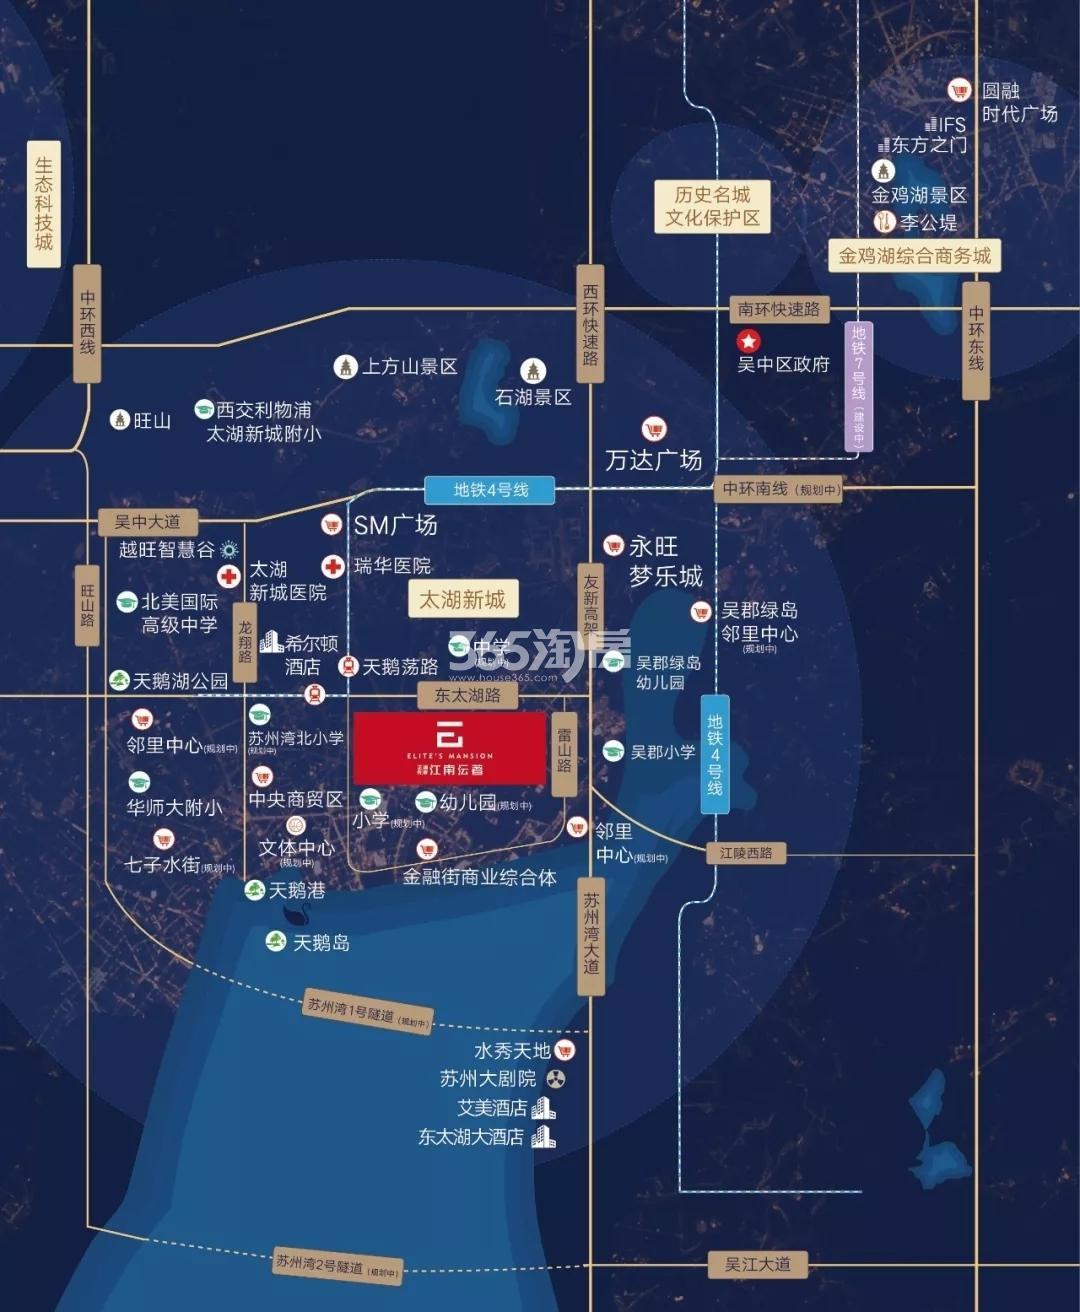 江南沄著交通图